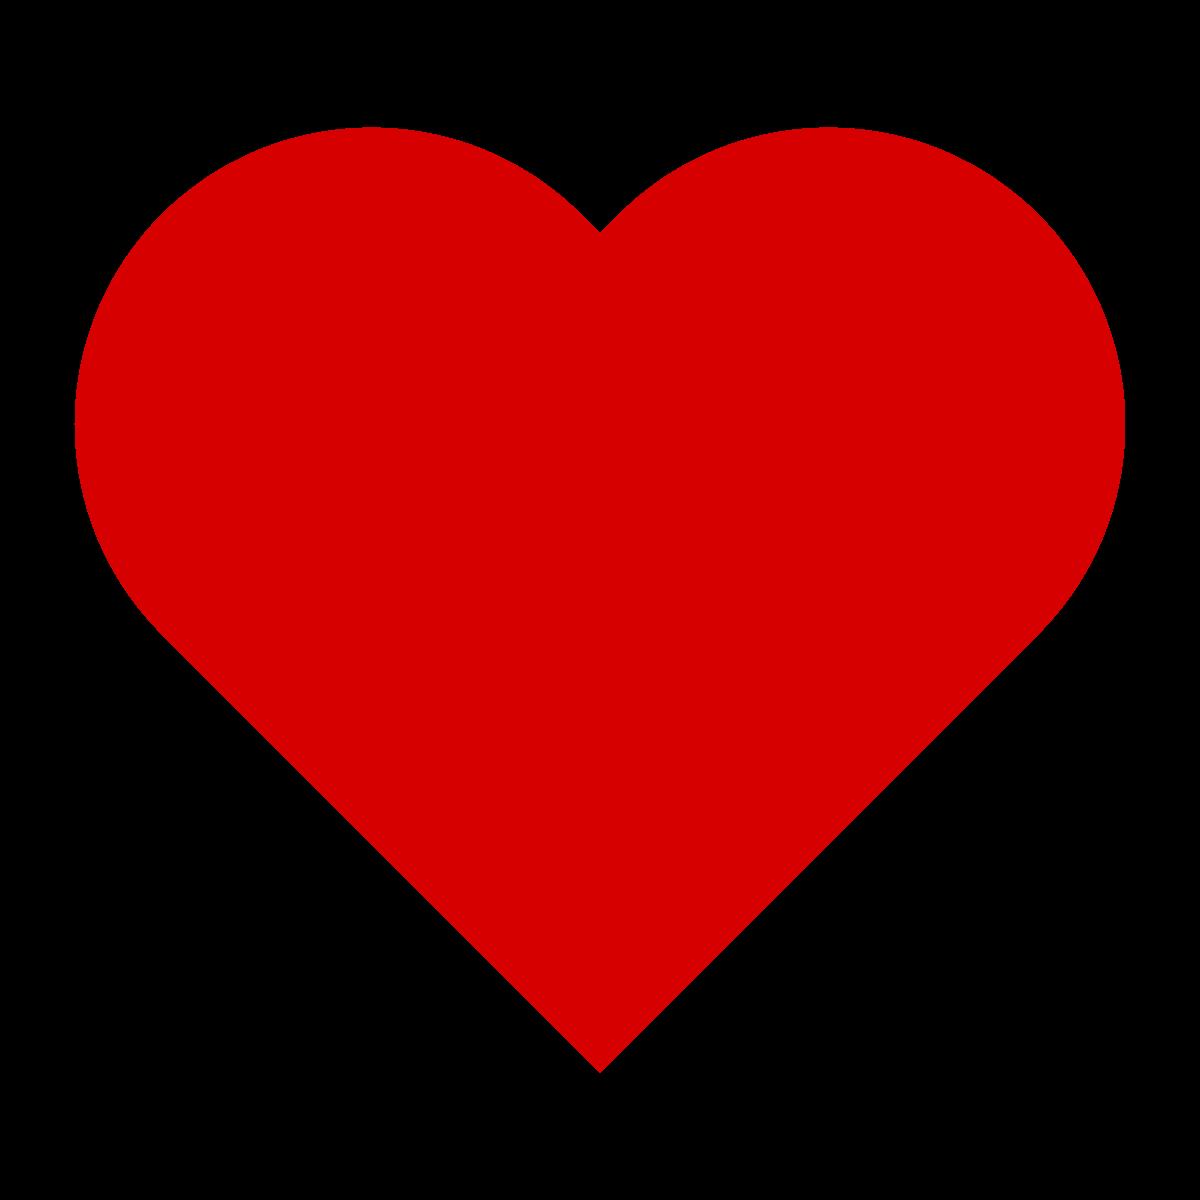 Stregtegning af et rødt hjerte